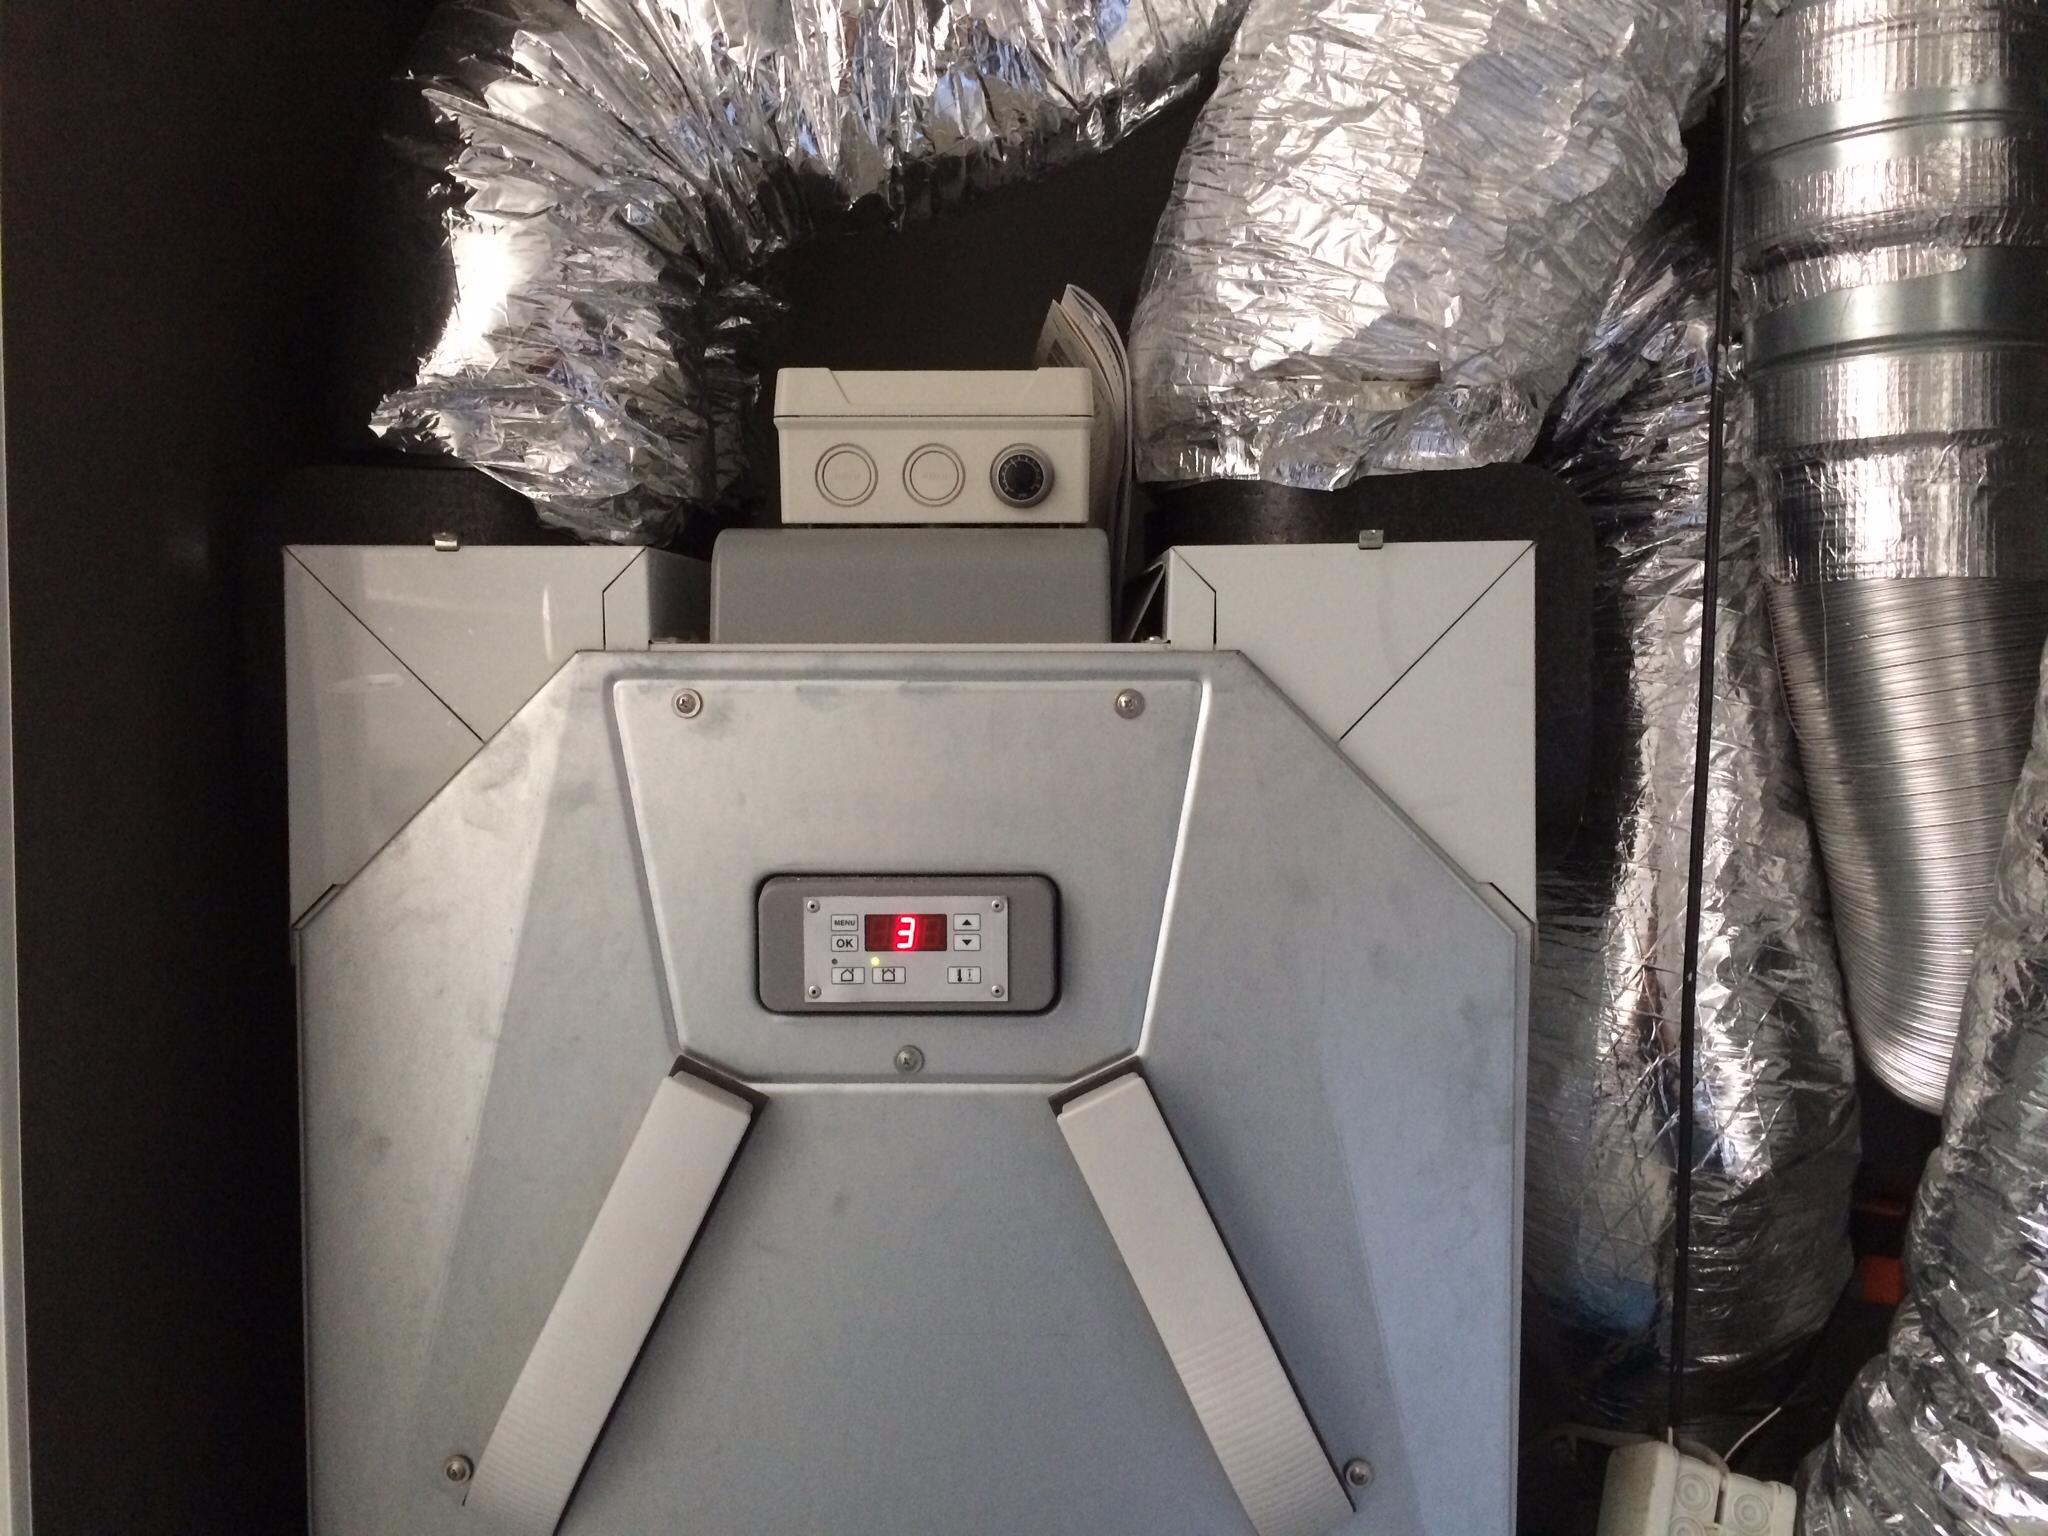 Lüftungsgerät 2 - 1 Raucher auf 180qm und 485 Kubikmetern Raumvolumen